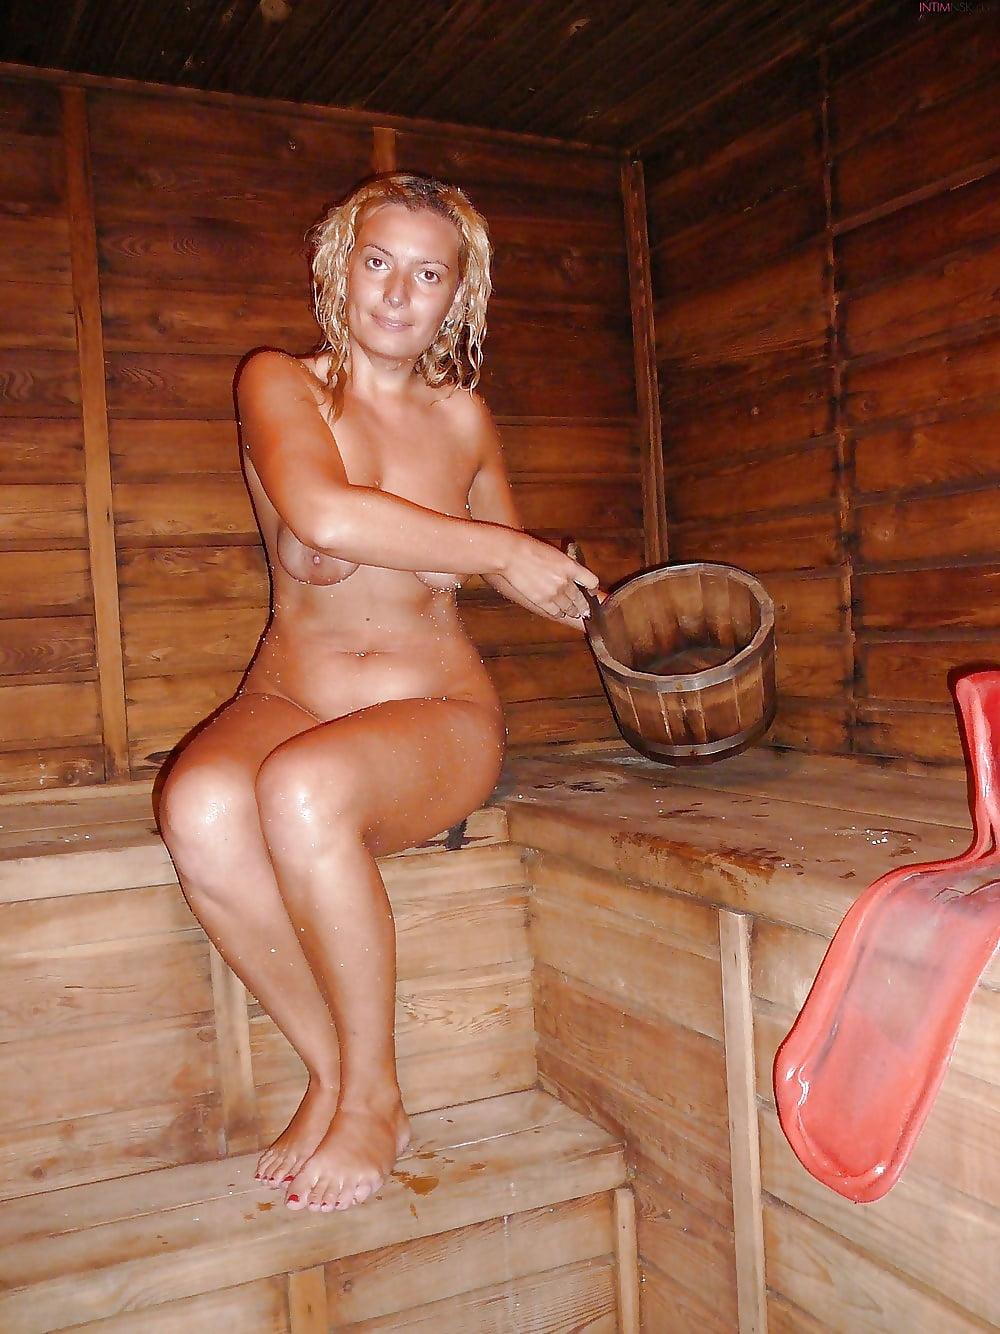 Голые женщины фото иркутск — photo 6